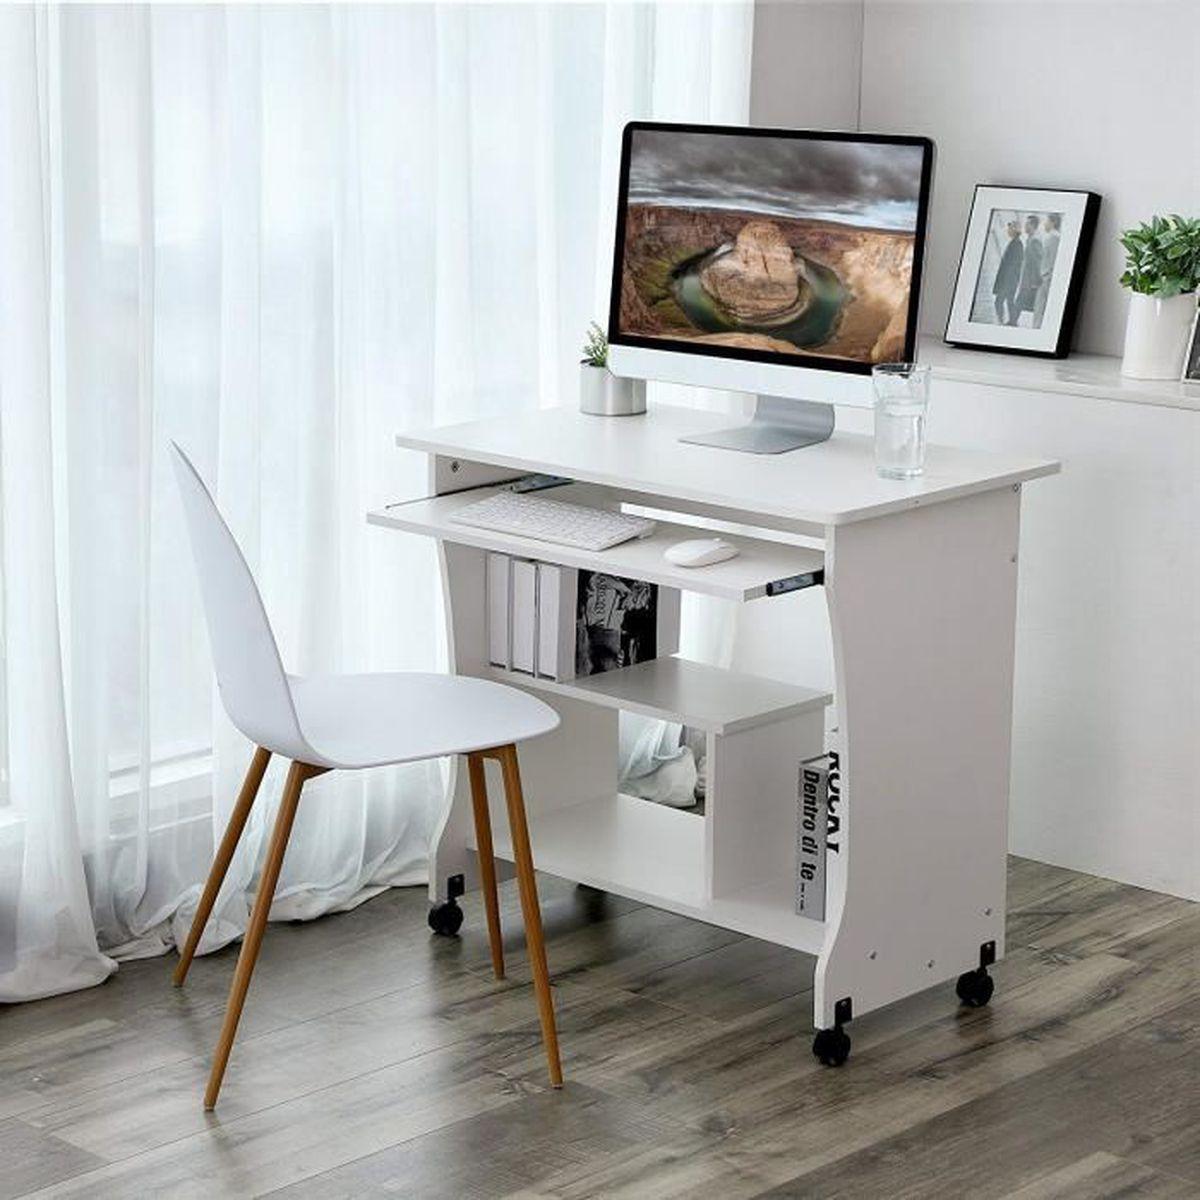 Mettre Des Roulettes Sous Une Table bureau informatique a roulettes